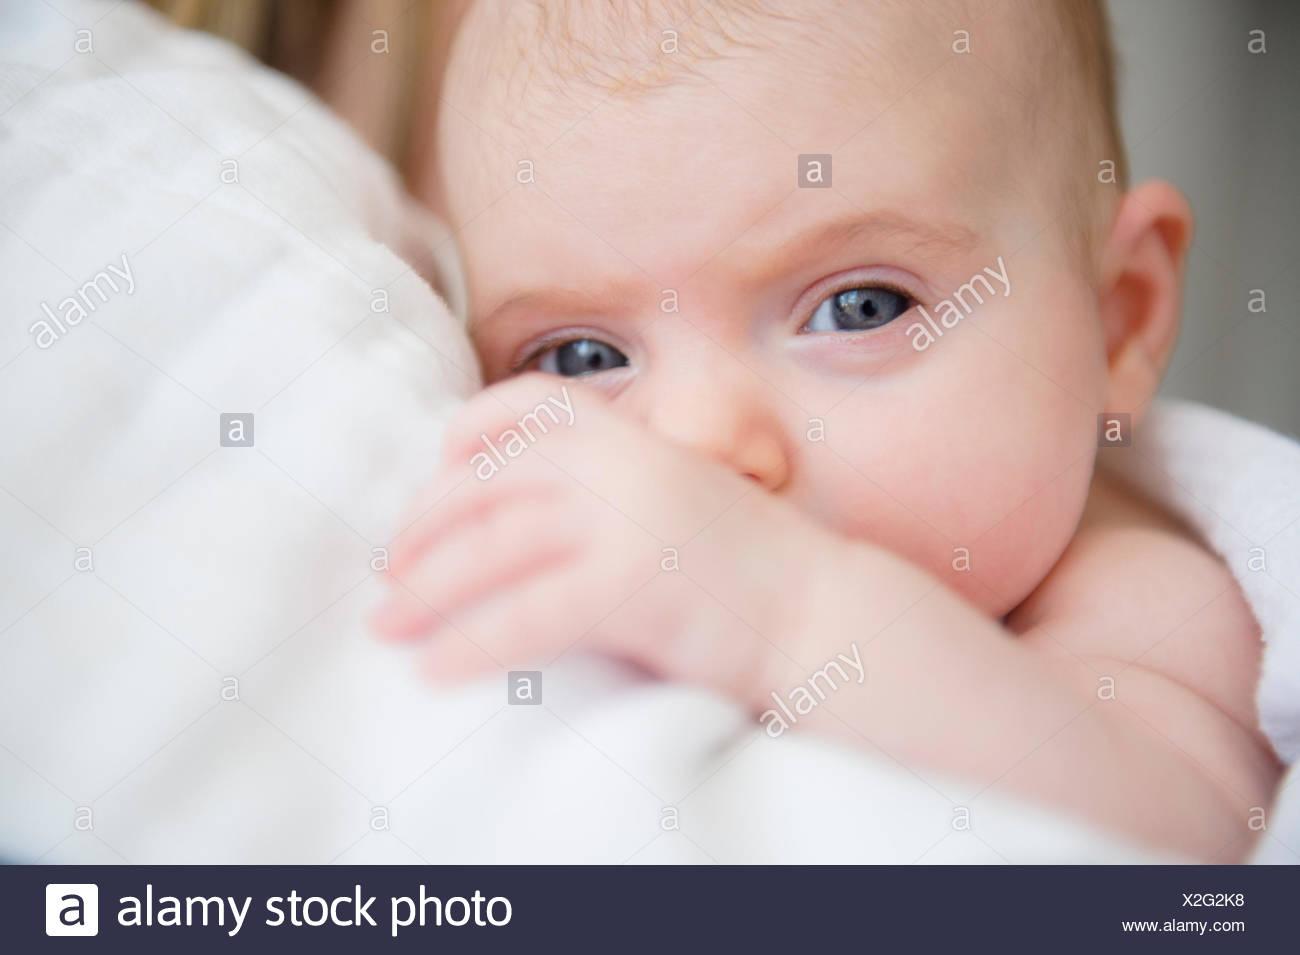 Porträt des Mädchens (2-5 Monate) im Arm der Mutter Stockbild